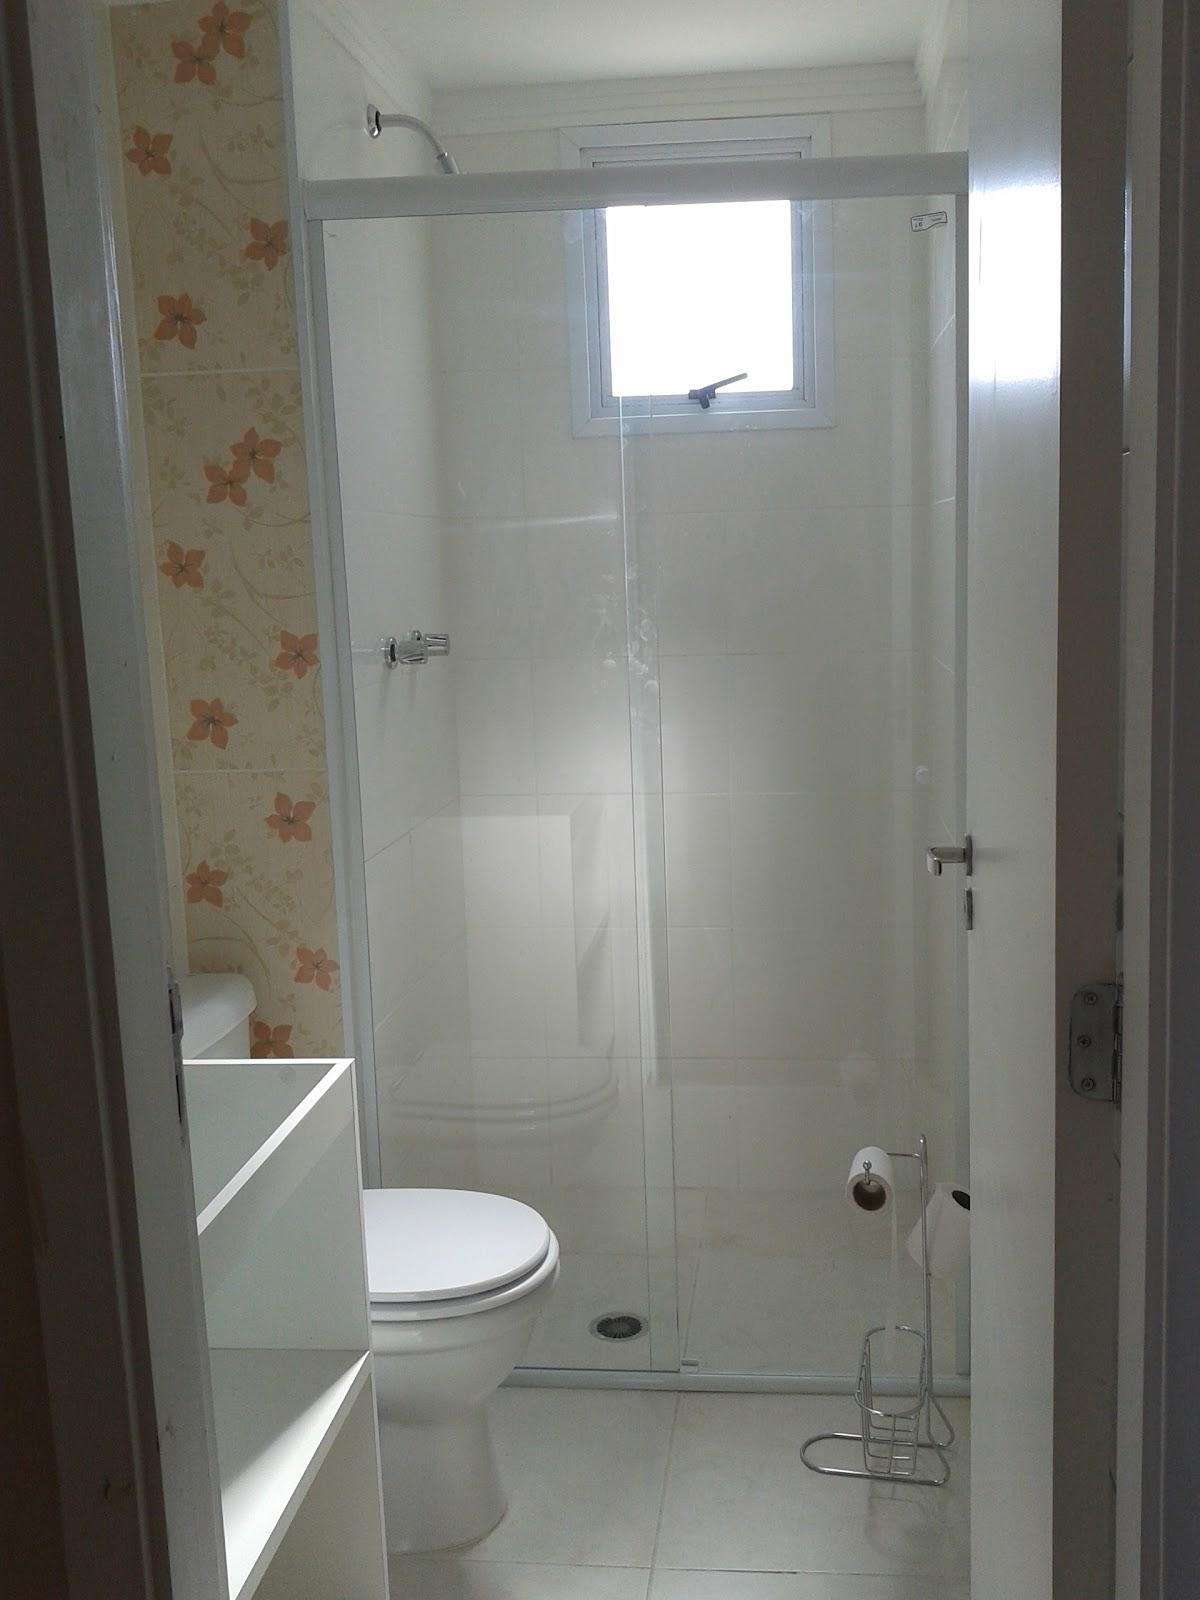 Detalhe do porta papel higiênico/revisteiro fazendo figuração #604C39 1200 1600